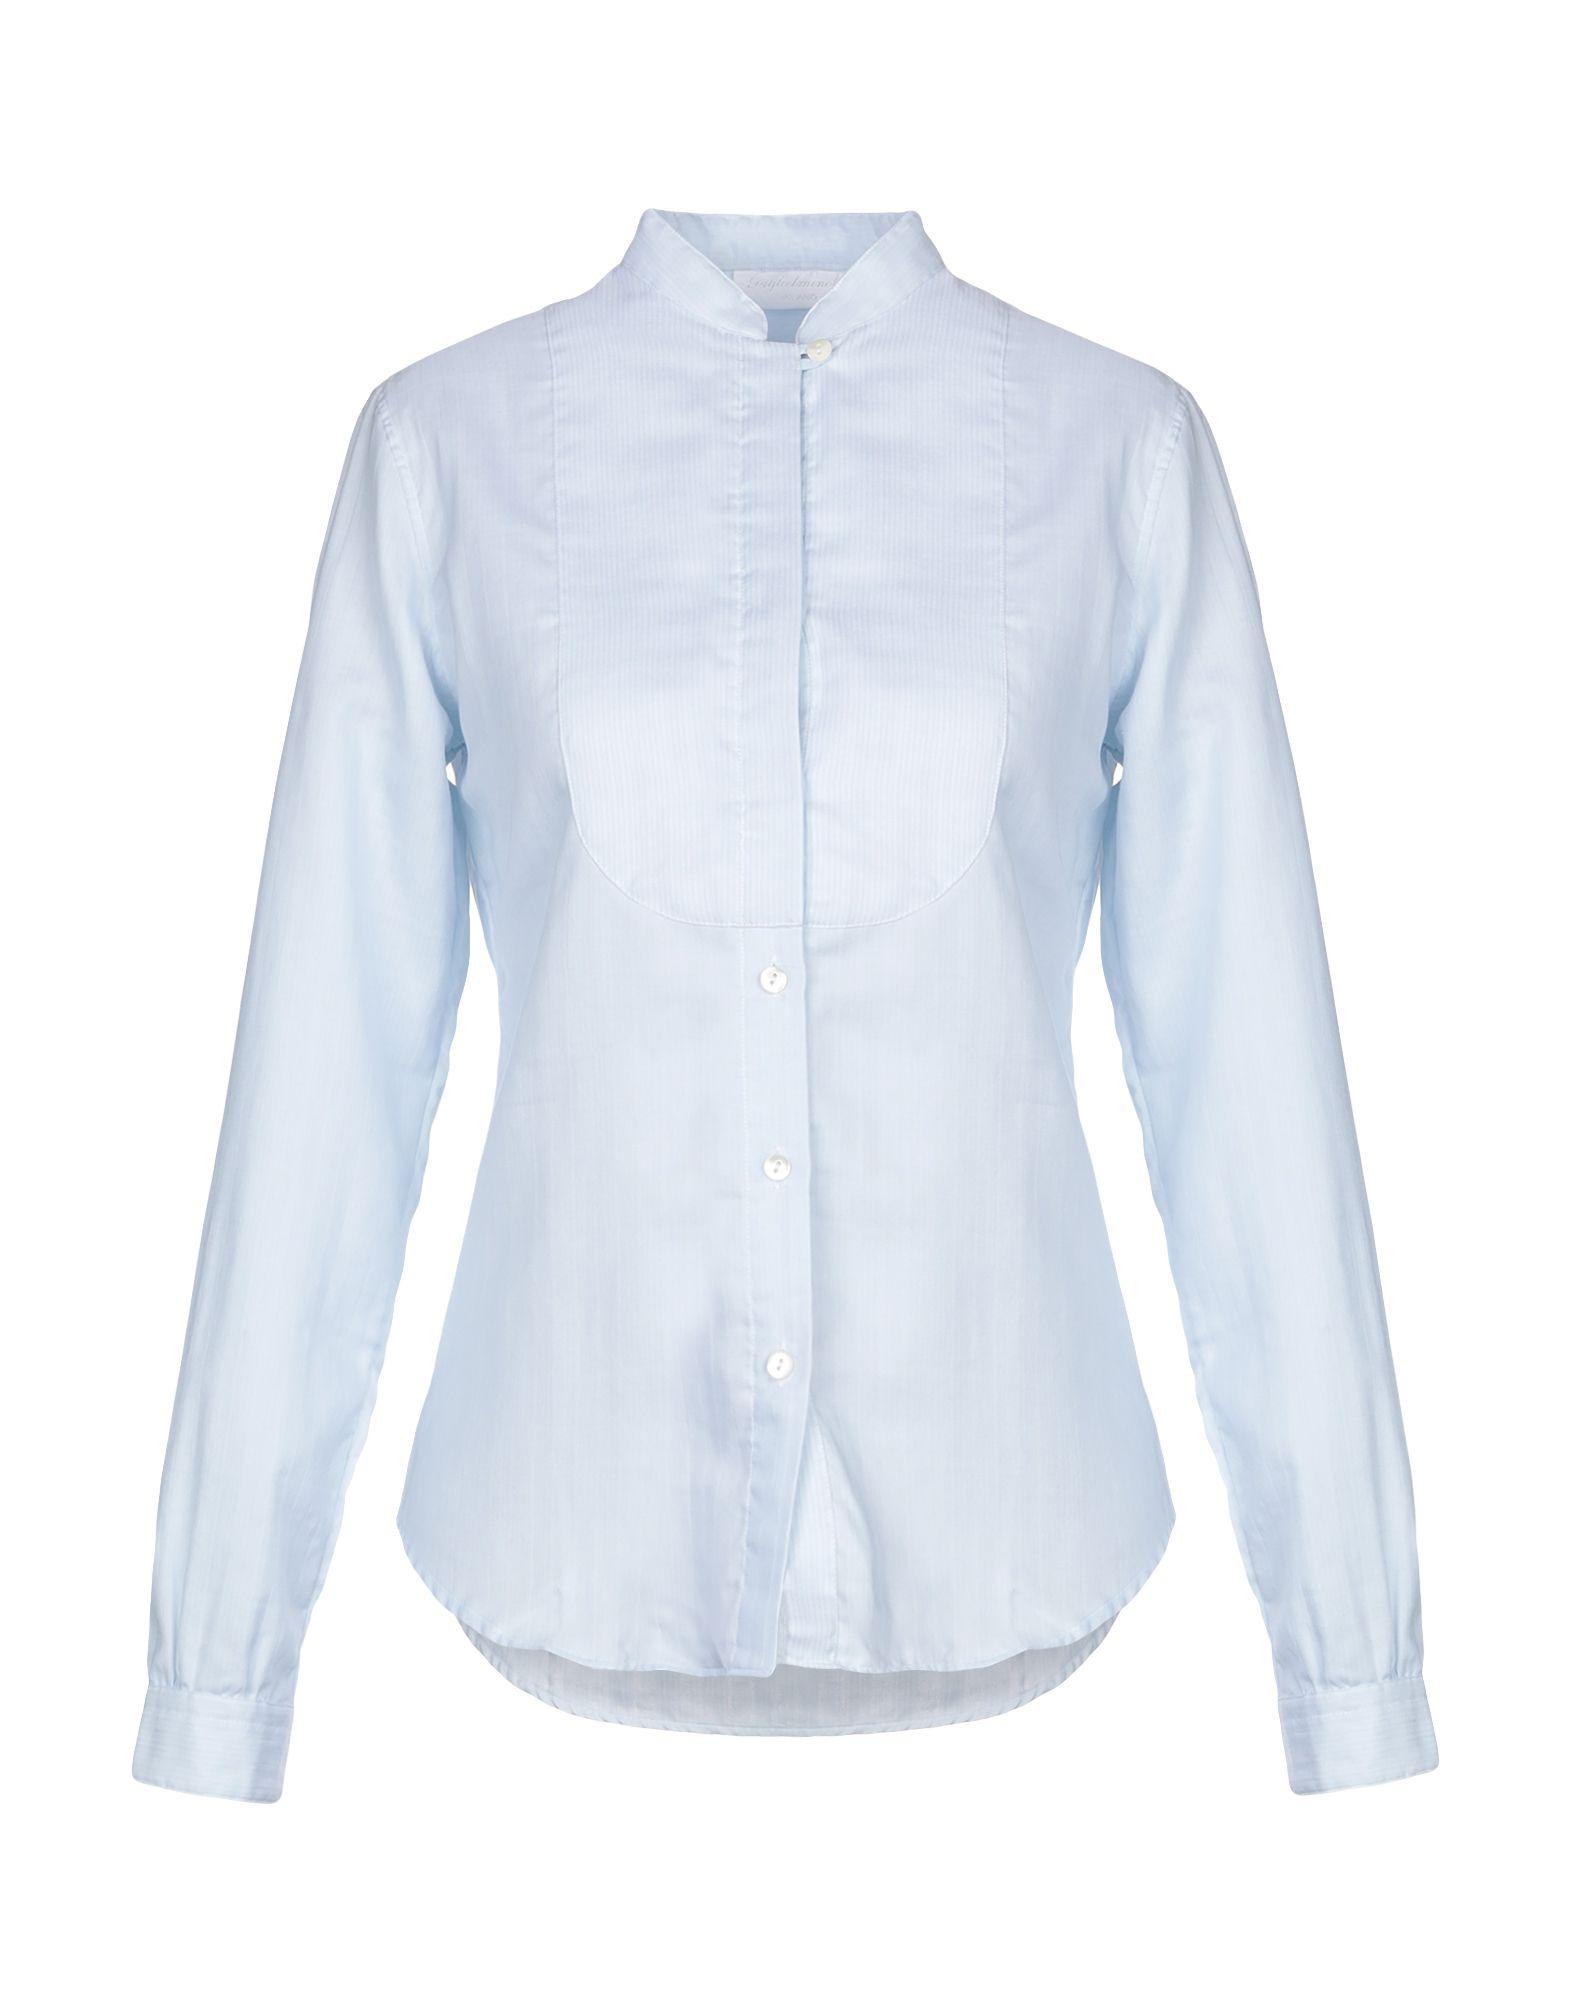 Camicie E bluse Tinta Unita Guglielminotti donna - 38824364RC 38824364RC  alltäglich niedrige Preise